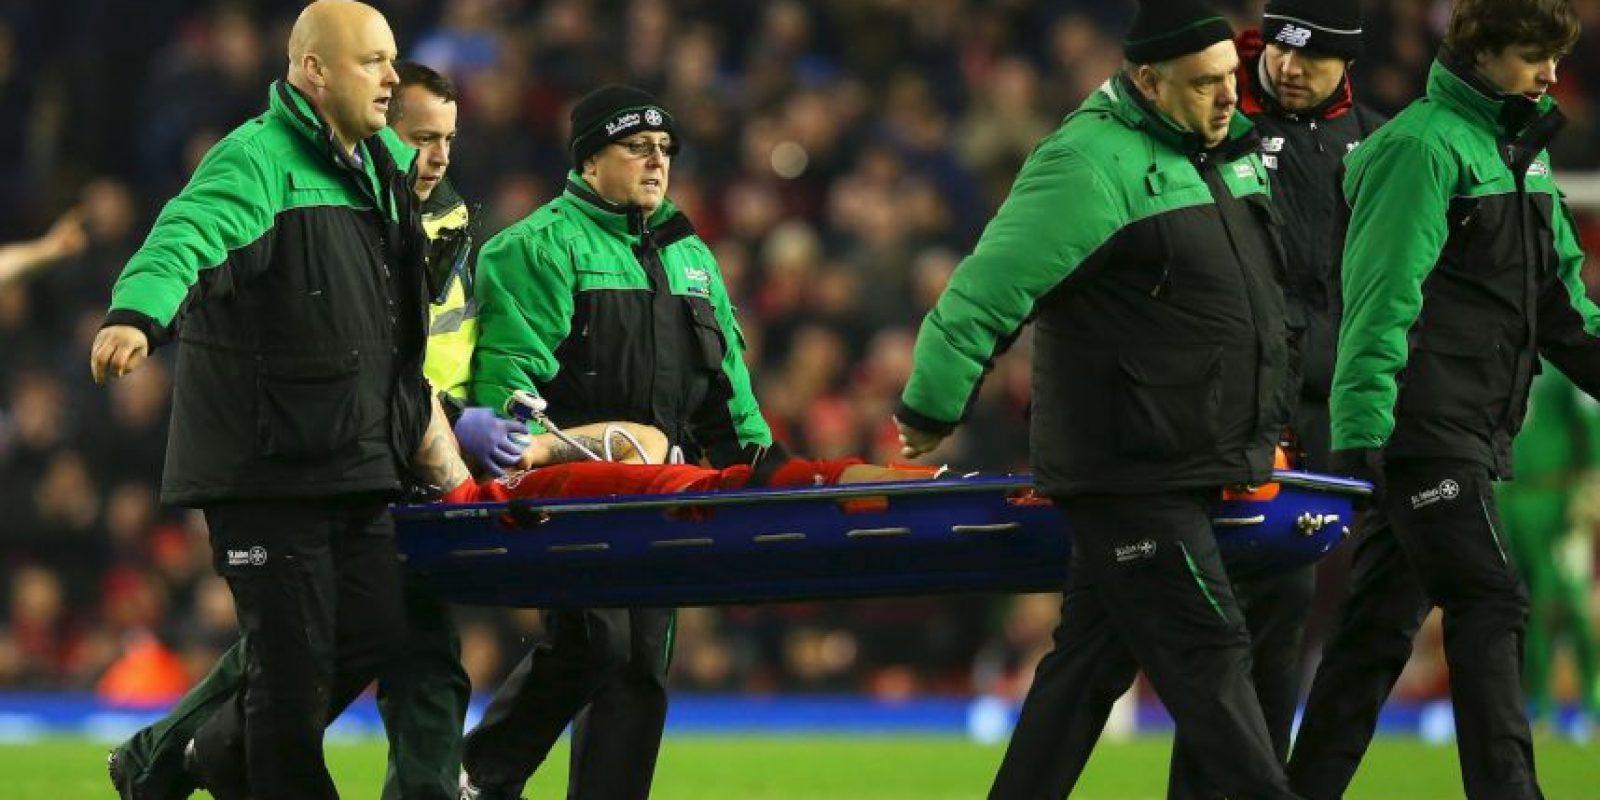 Estas terribles imágenes empañaron la jornada dominical de la Premier League. Foto:Getty Images